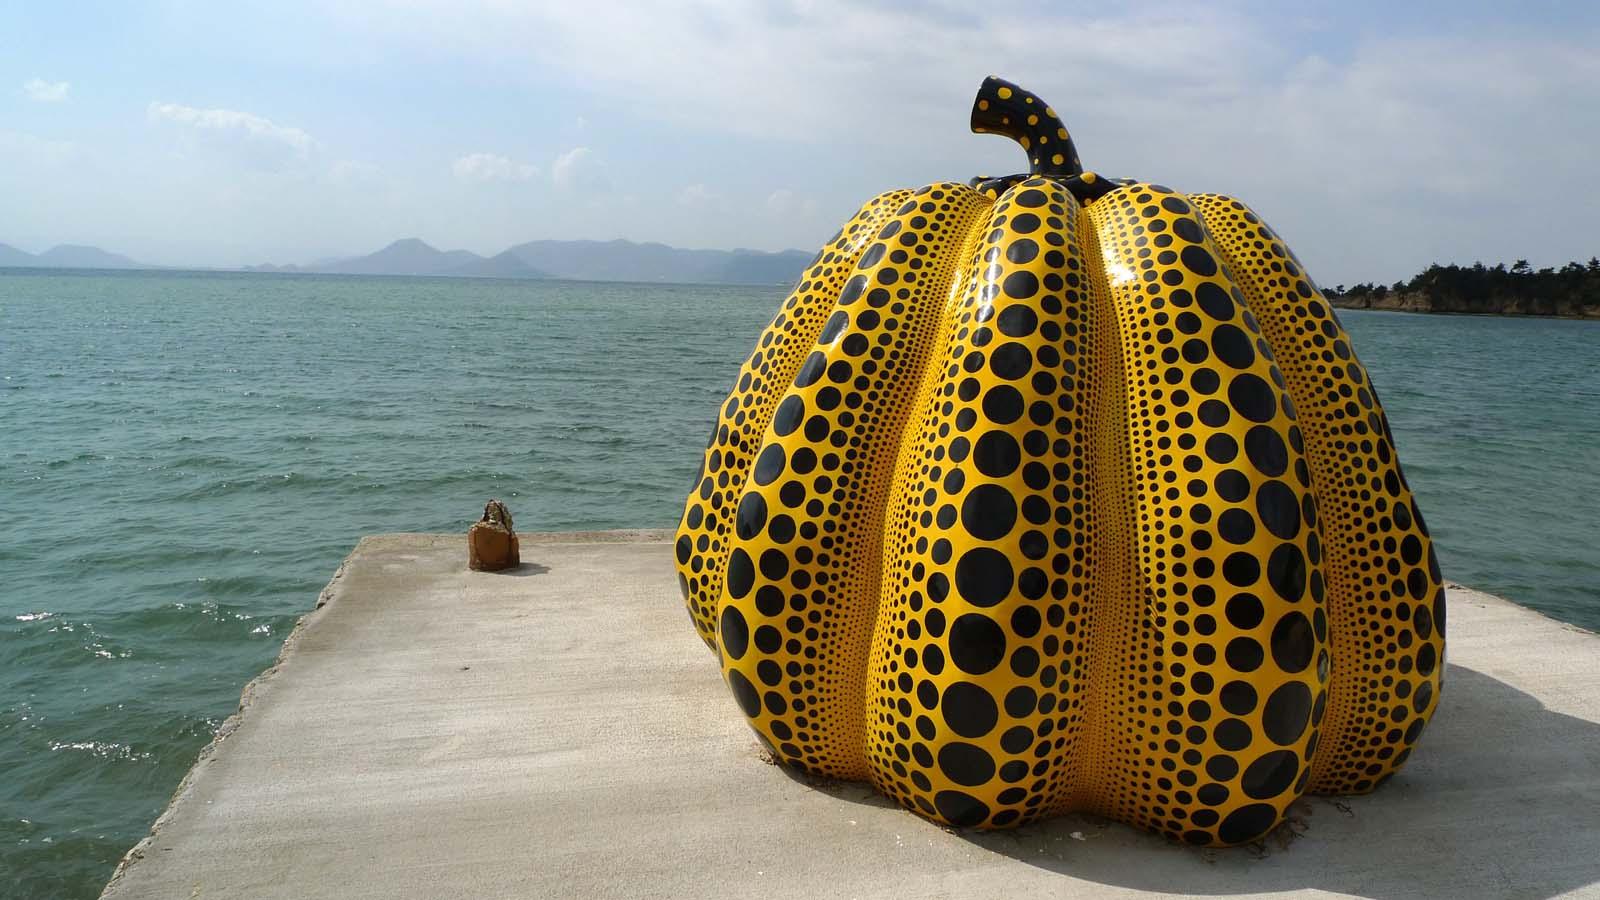 アートを感じる滞在を満喫する直島を芸術の島にした「ベネッセ・ハウス」